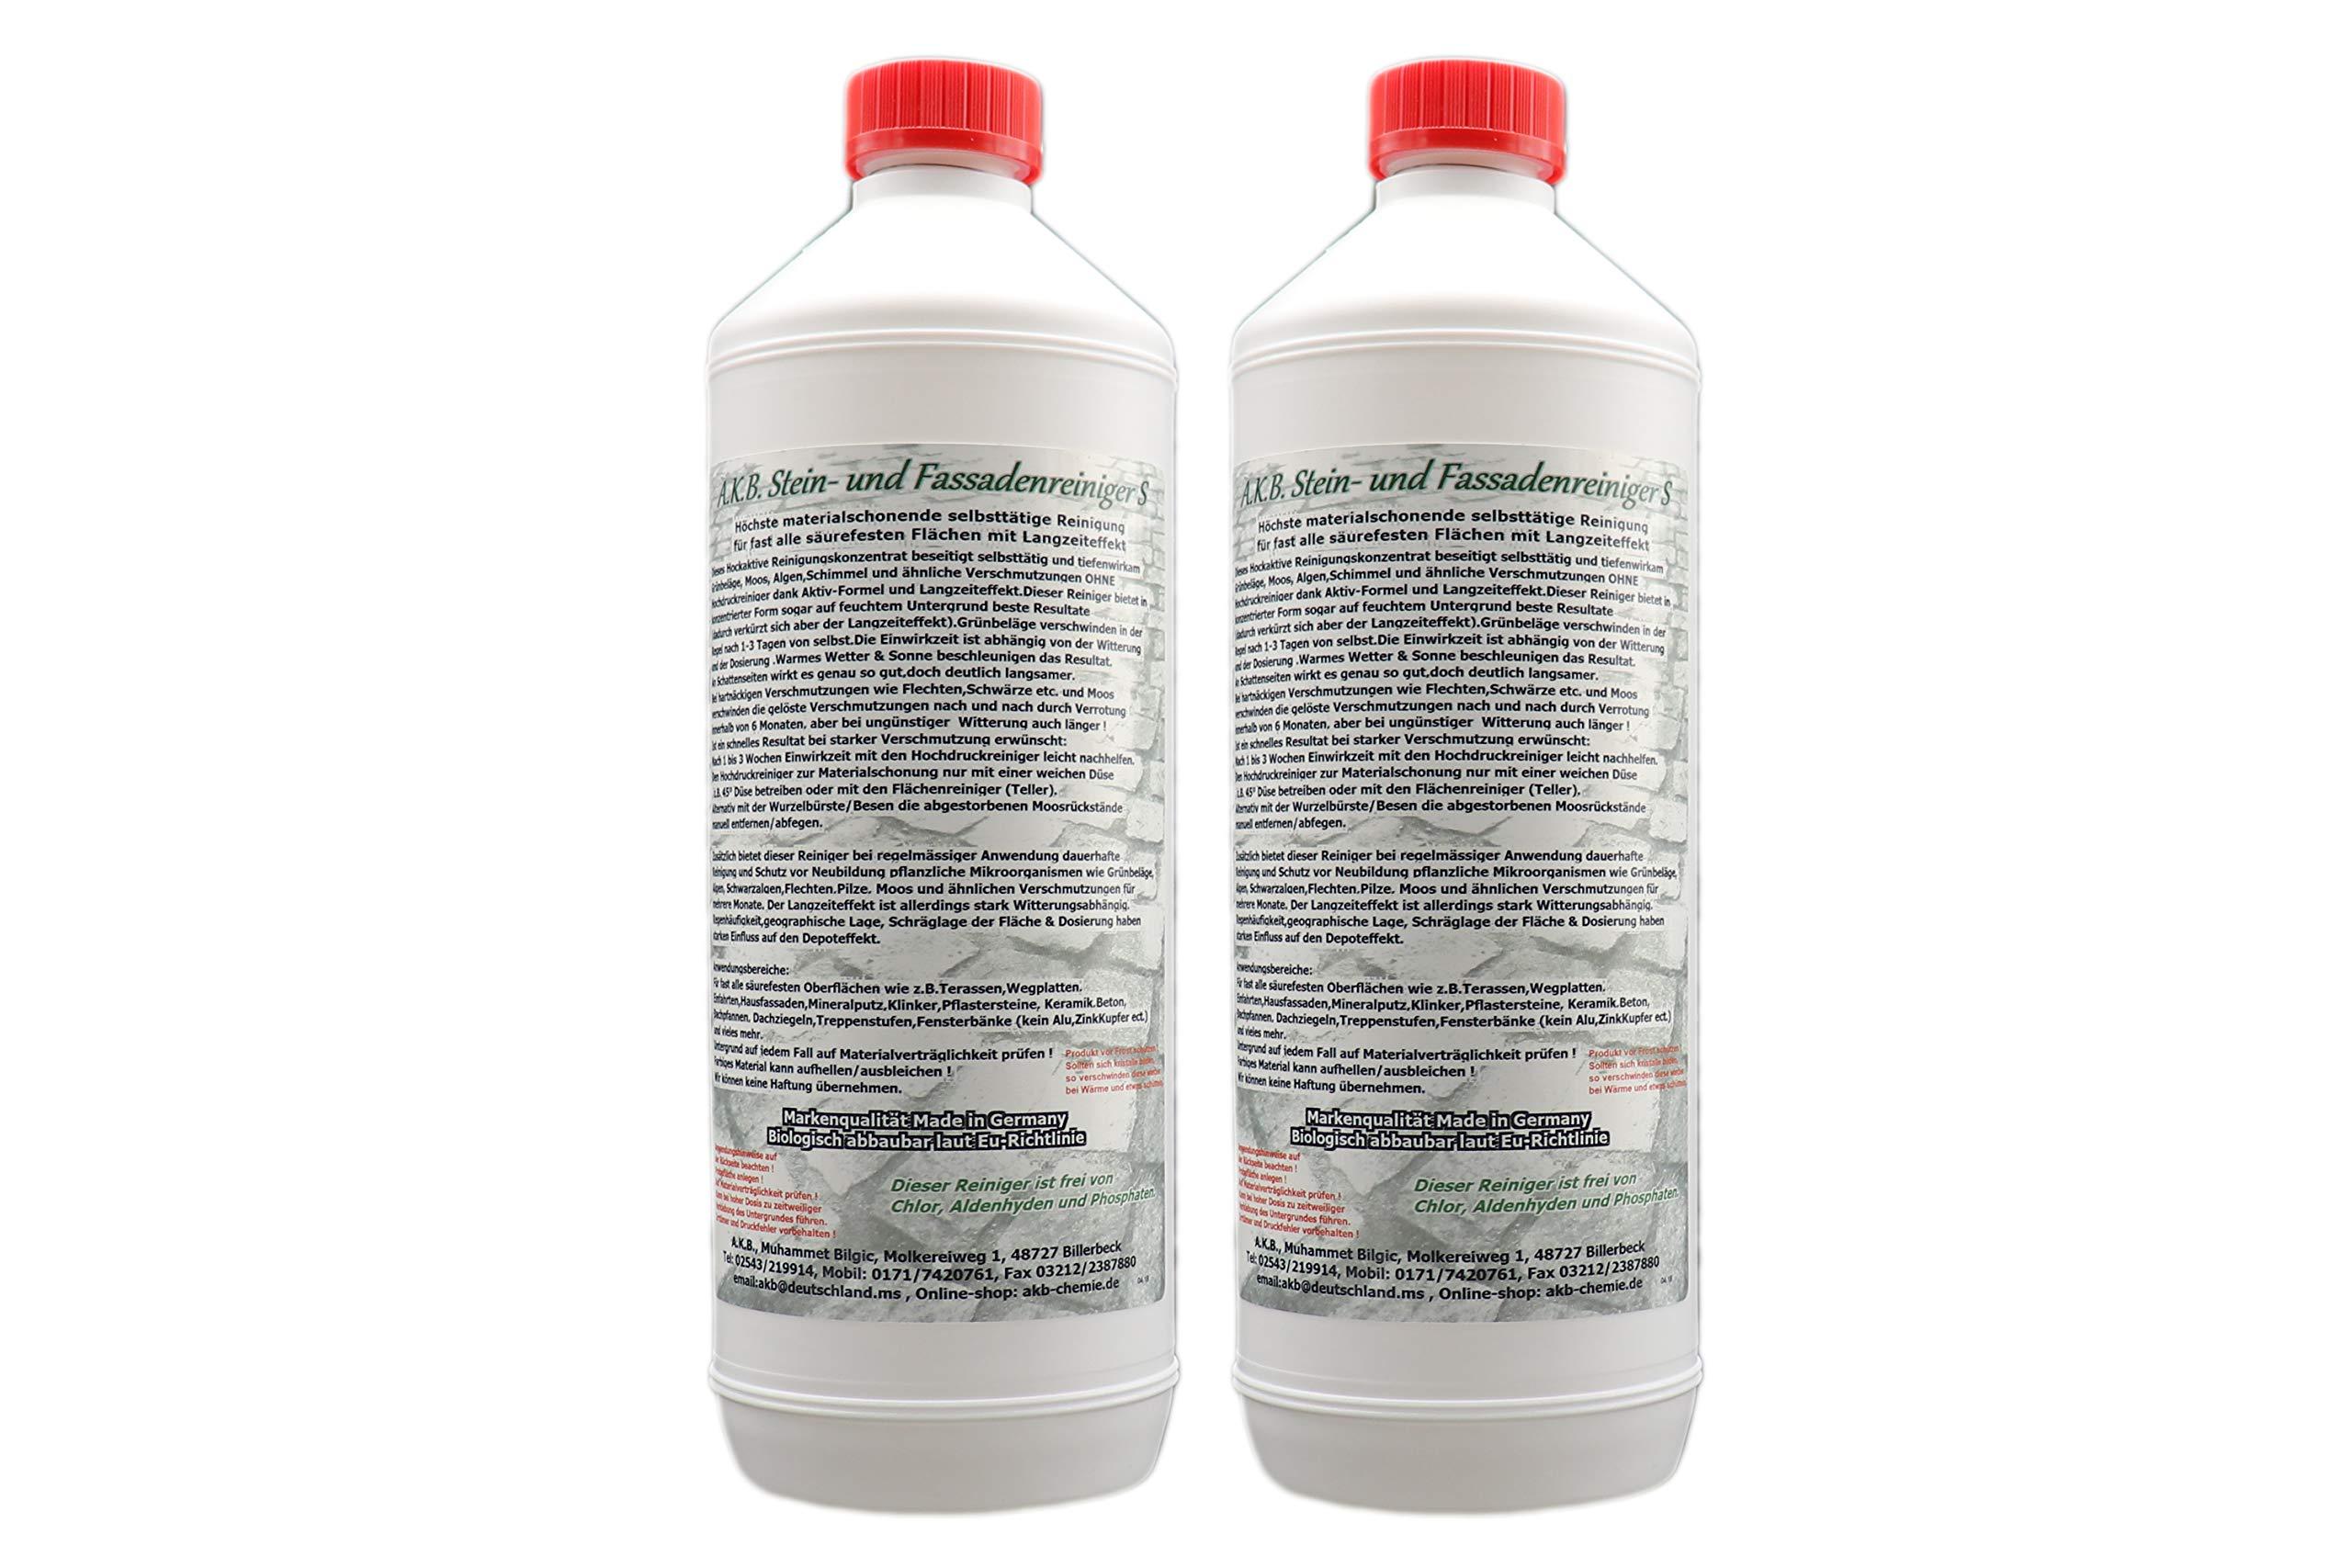 AKB-Stein-und-Fassadenreiniger-S-Gruppe-Flaschen